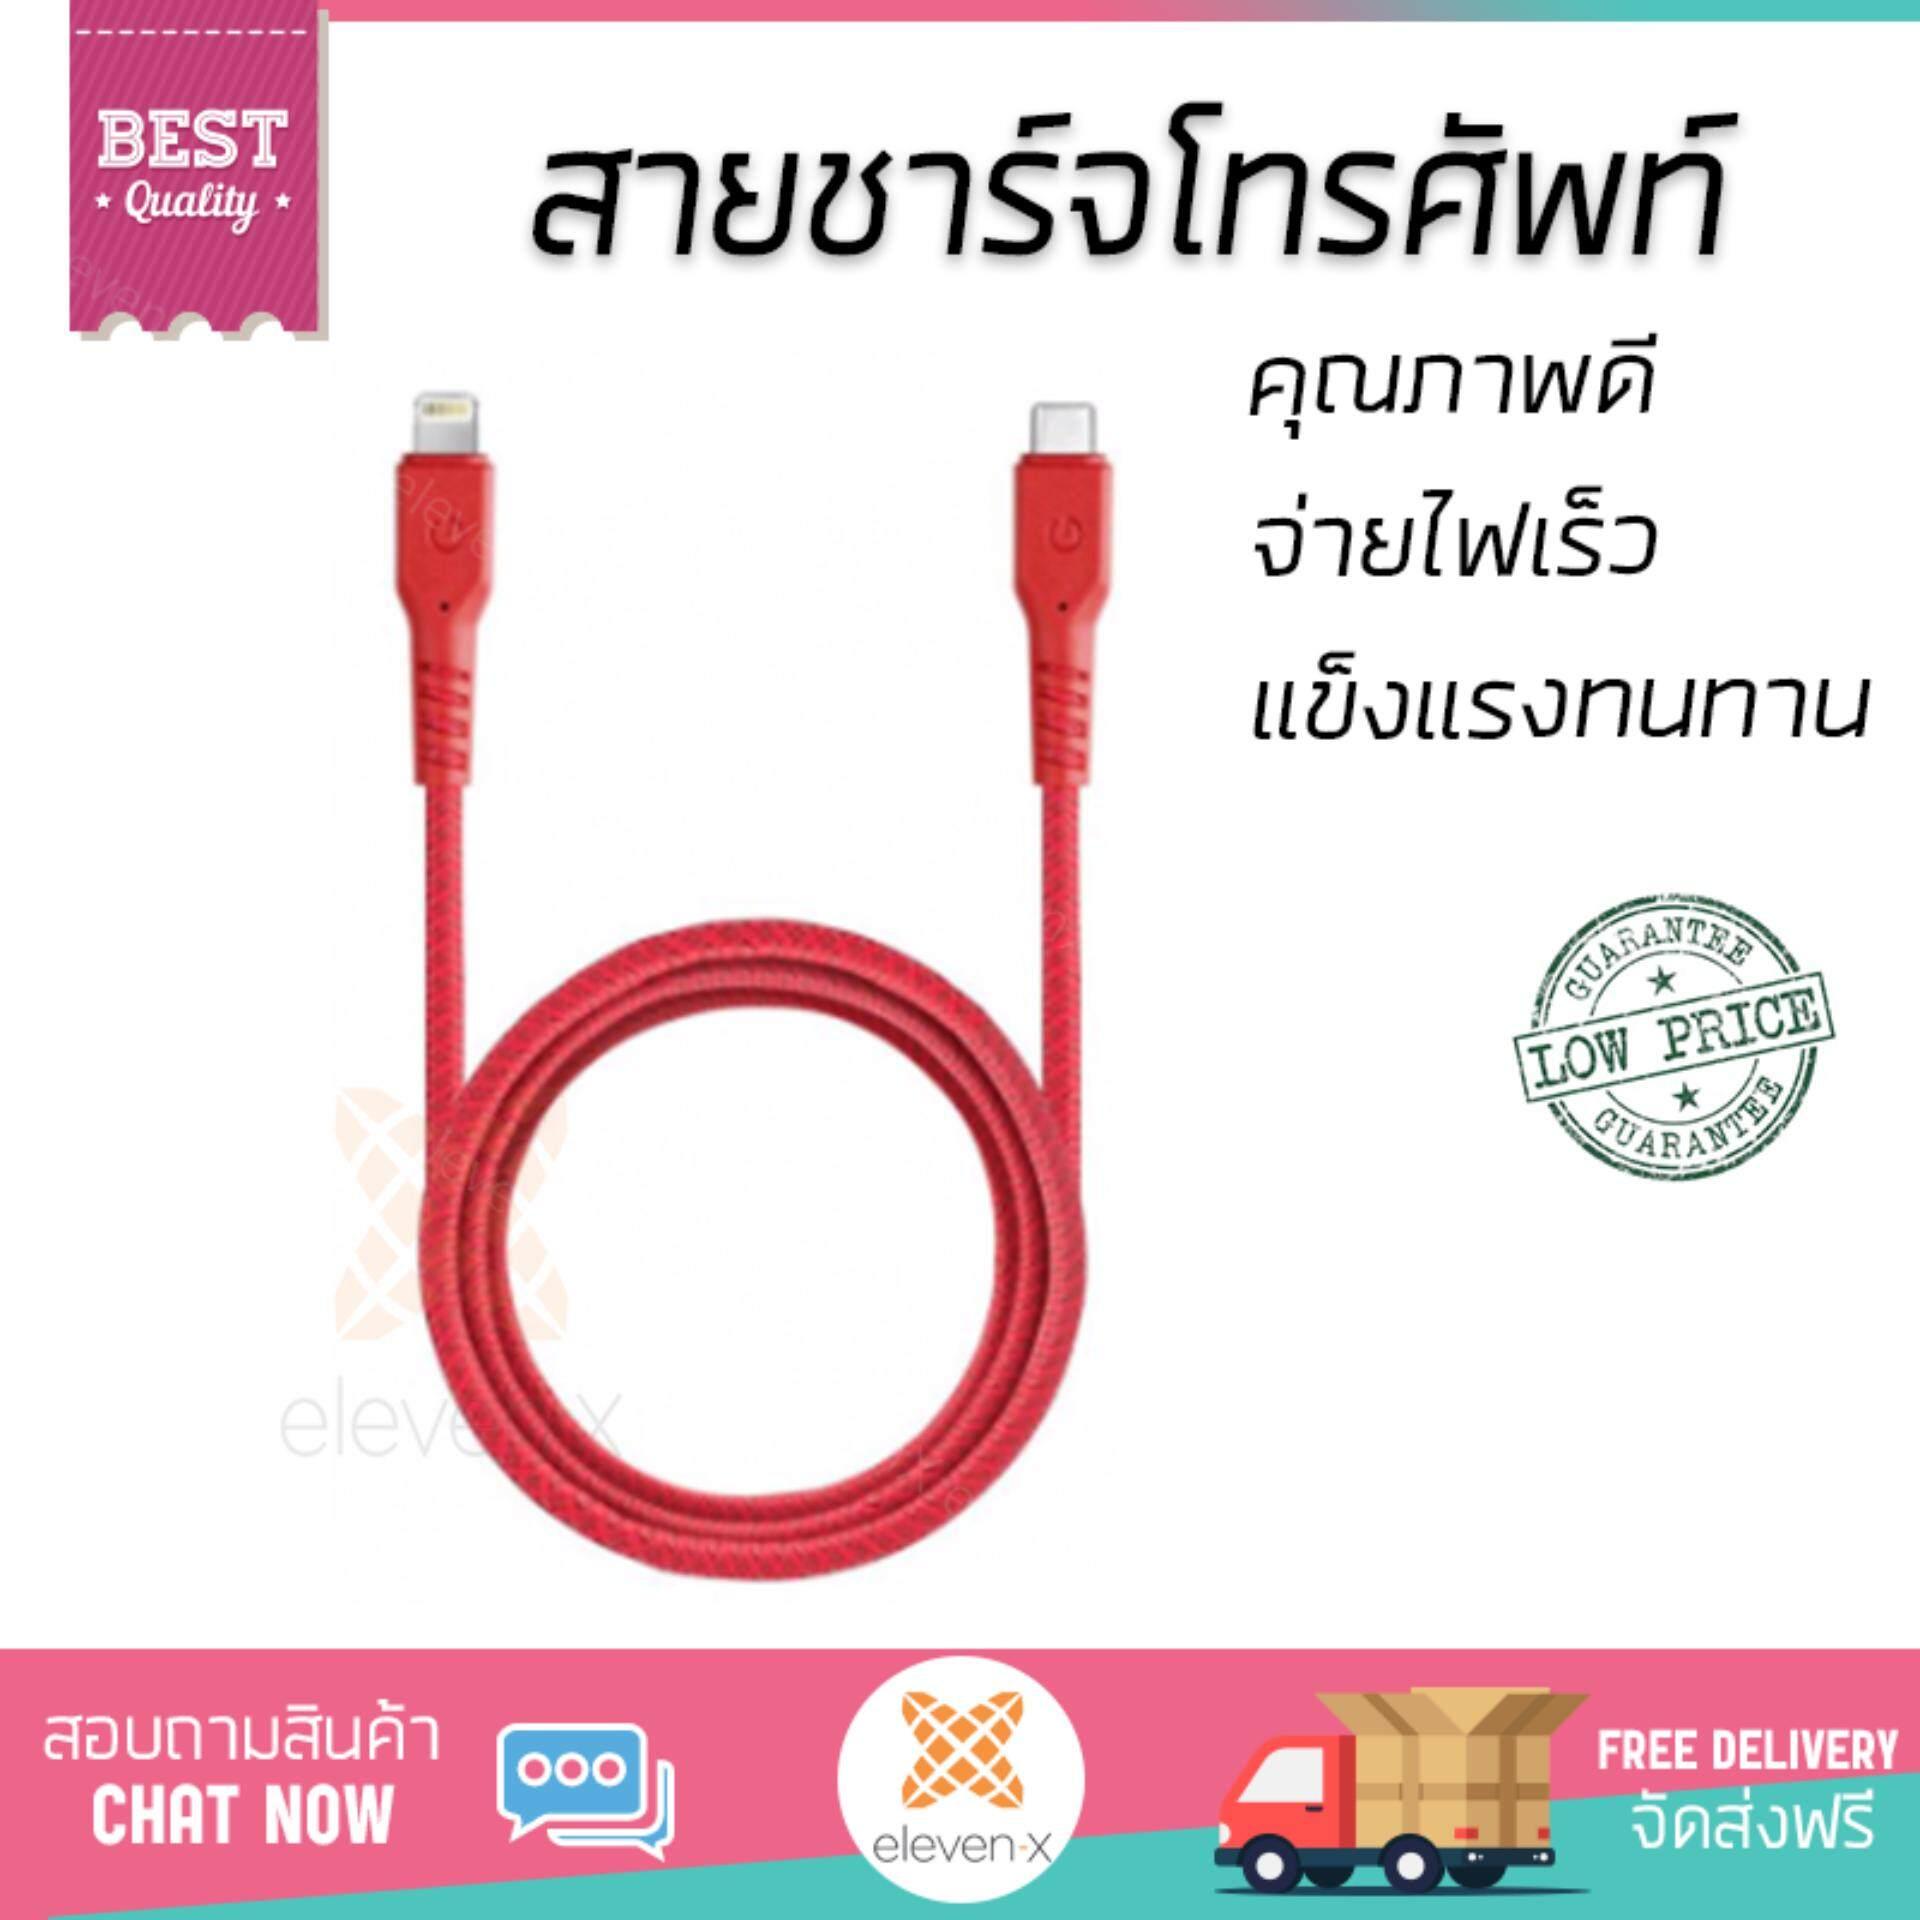 ลดสุดๆ ราคาพิเศษ รุ่นยอดนิยม สายชาร์จโทรศัพท์ Energea Cable Fibratough Lightning to USB-C Cable 1.5M. Red สายชาร์จทนทาน แข็งแรง จ่ายไฟเร็ว Mobile Cable จัดส่งฟรี Kerry ทั่วประเทศ